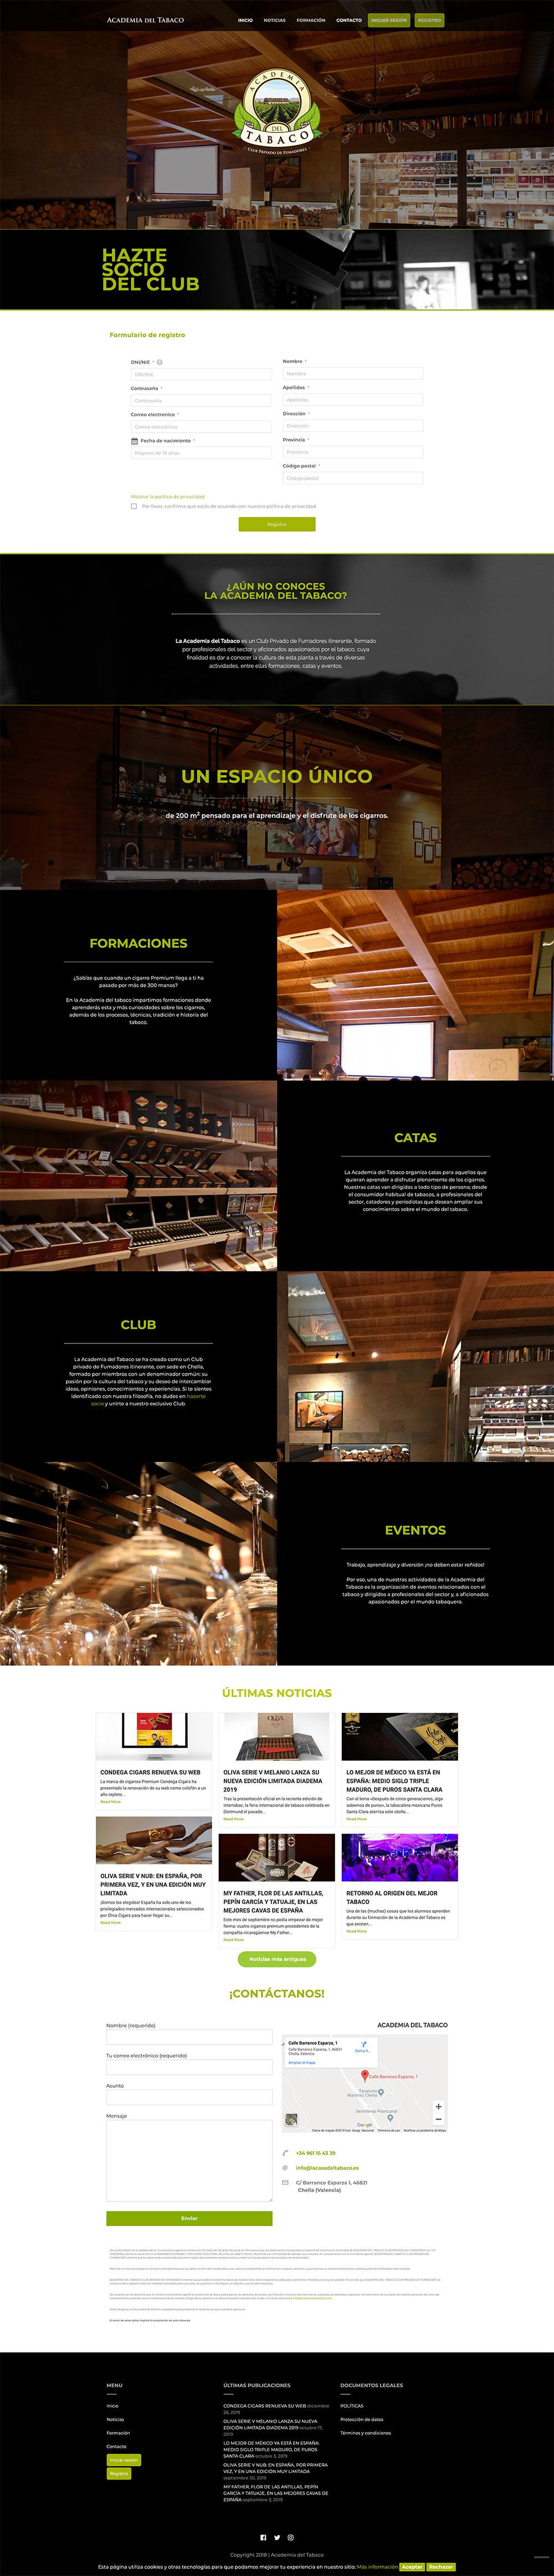 Diseño web Valencia | Diseño página web Academia del tabaco